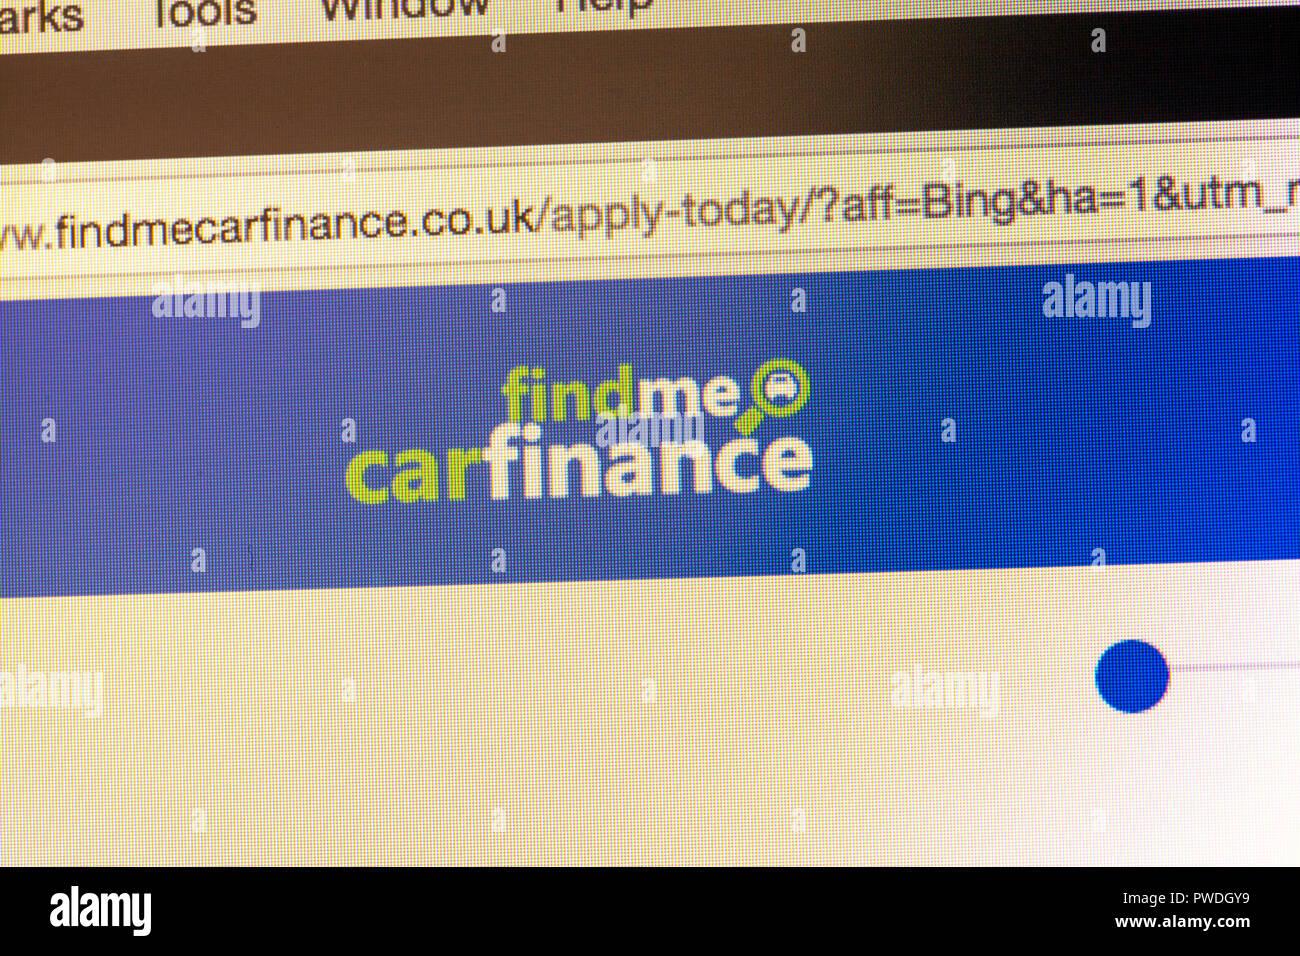 Find me car finance website, online car finance, car finance website, car HP website, car finance websites, borrow money online, car HP, car PCP, logo Stock Photo